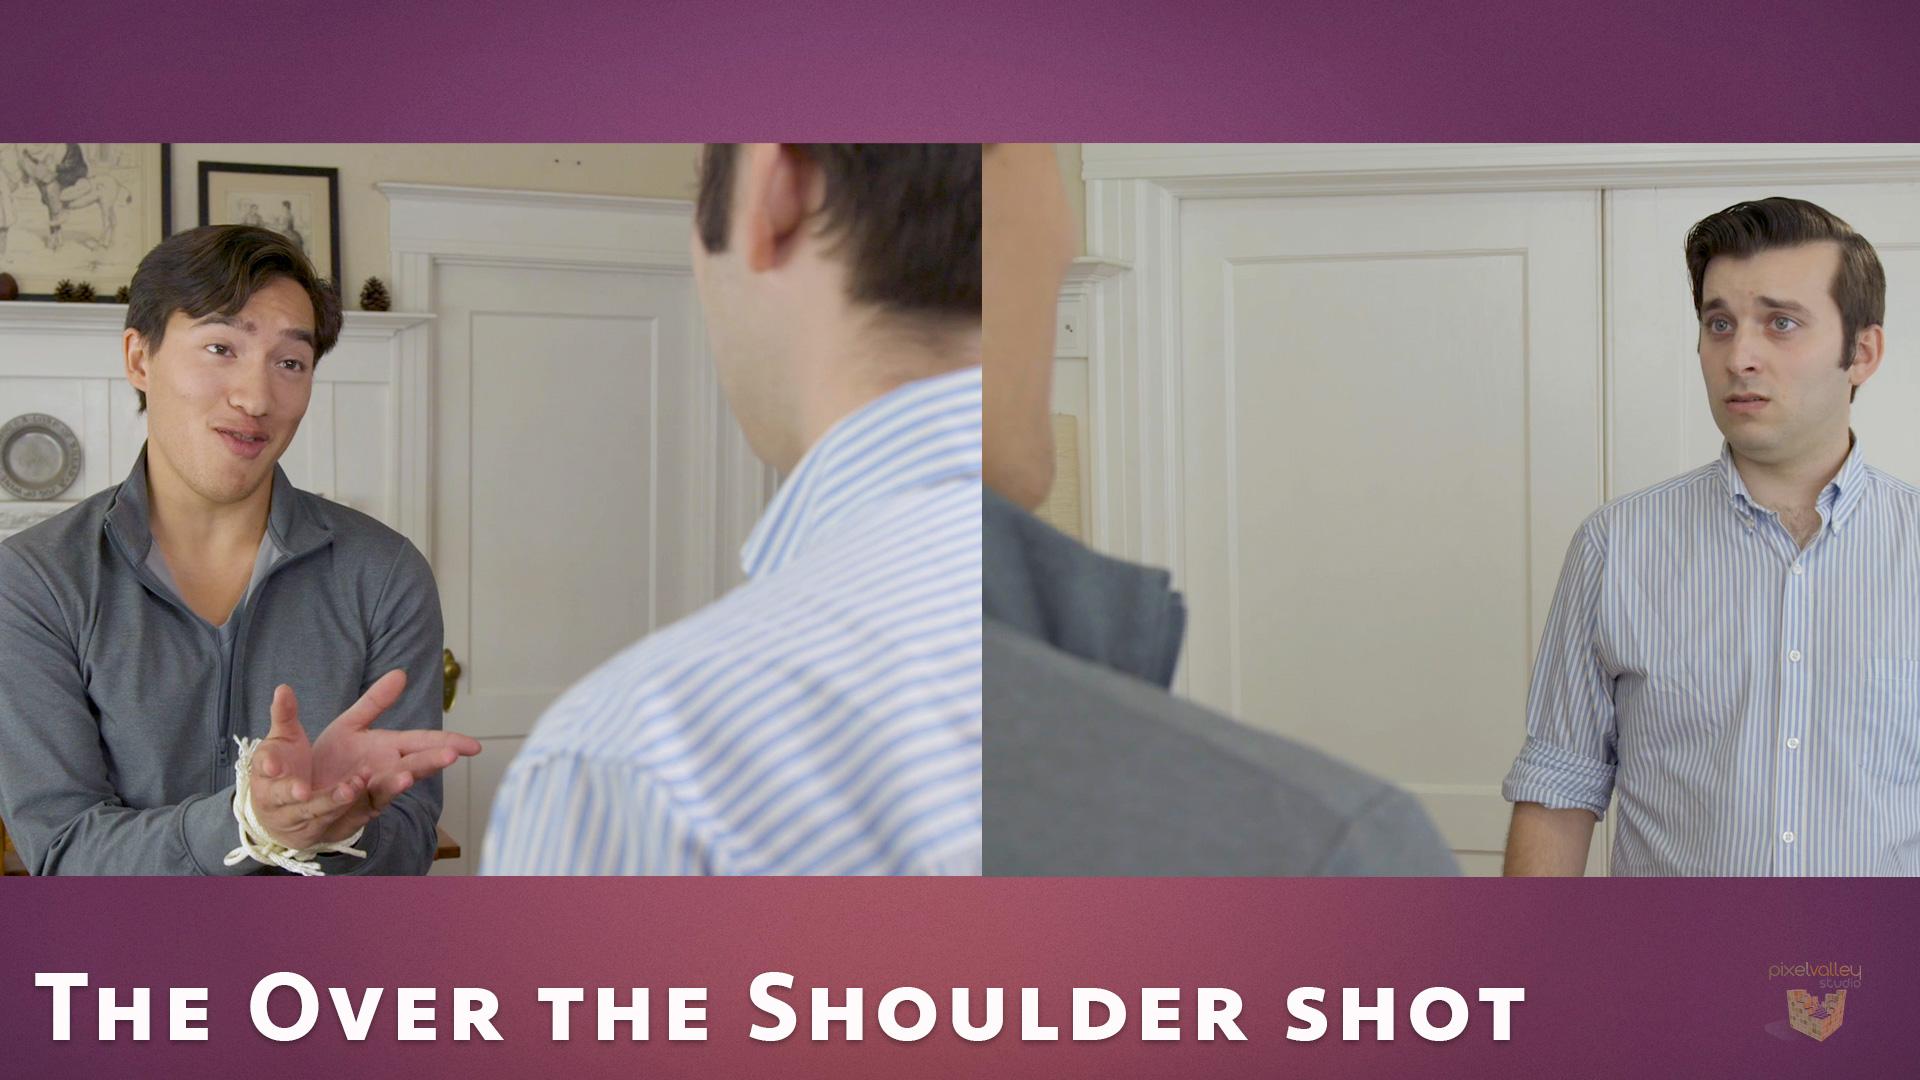 The over the shoulder shot.